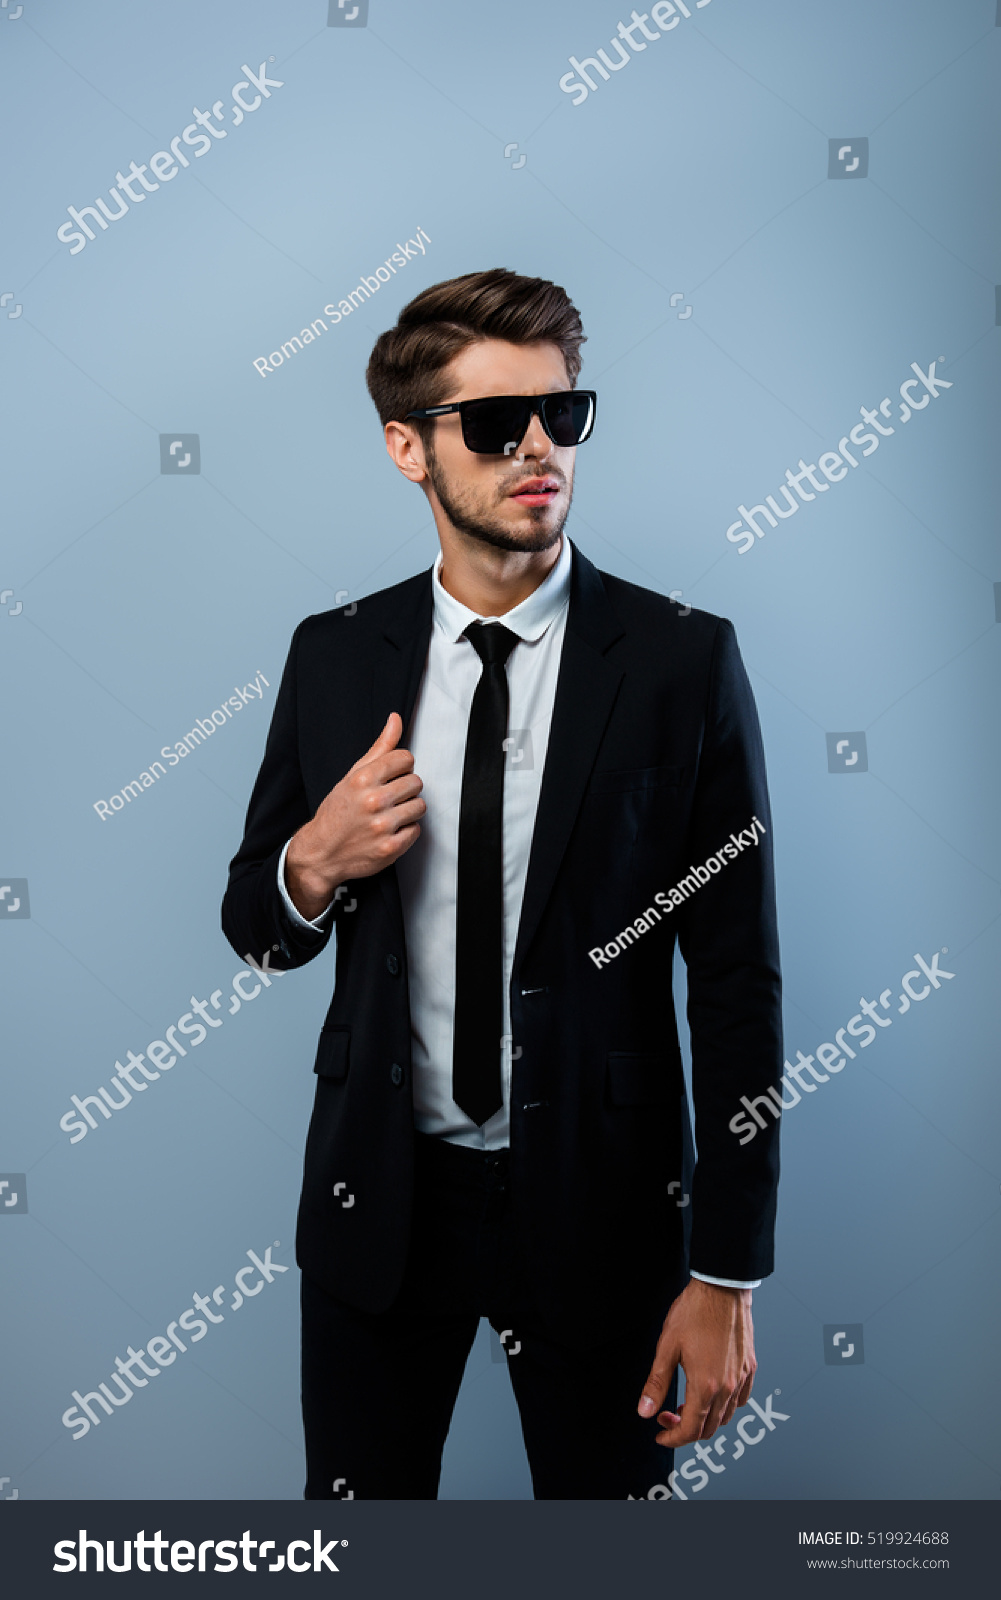 Young Confident Brutal Businessman Black Suit Stock Photo & Image ...